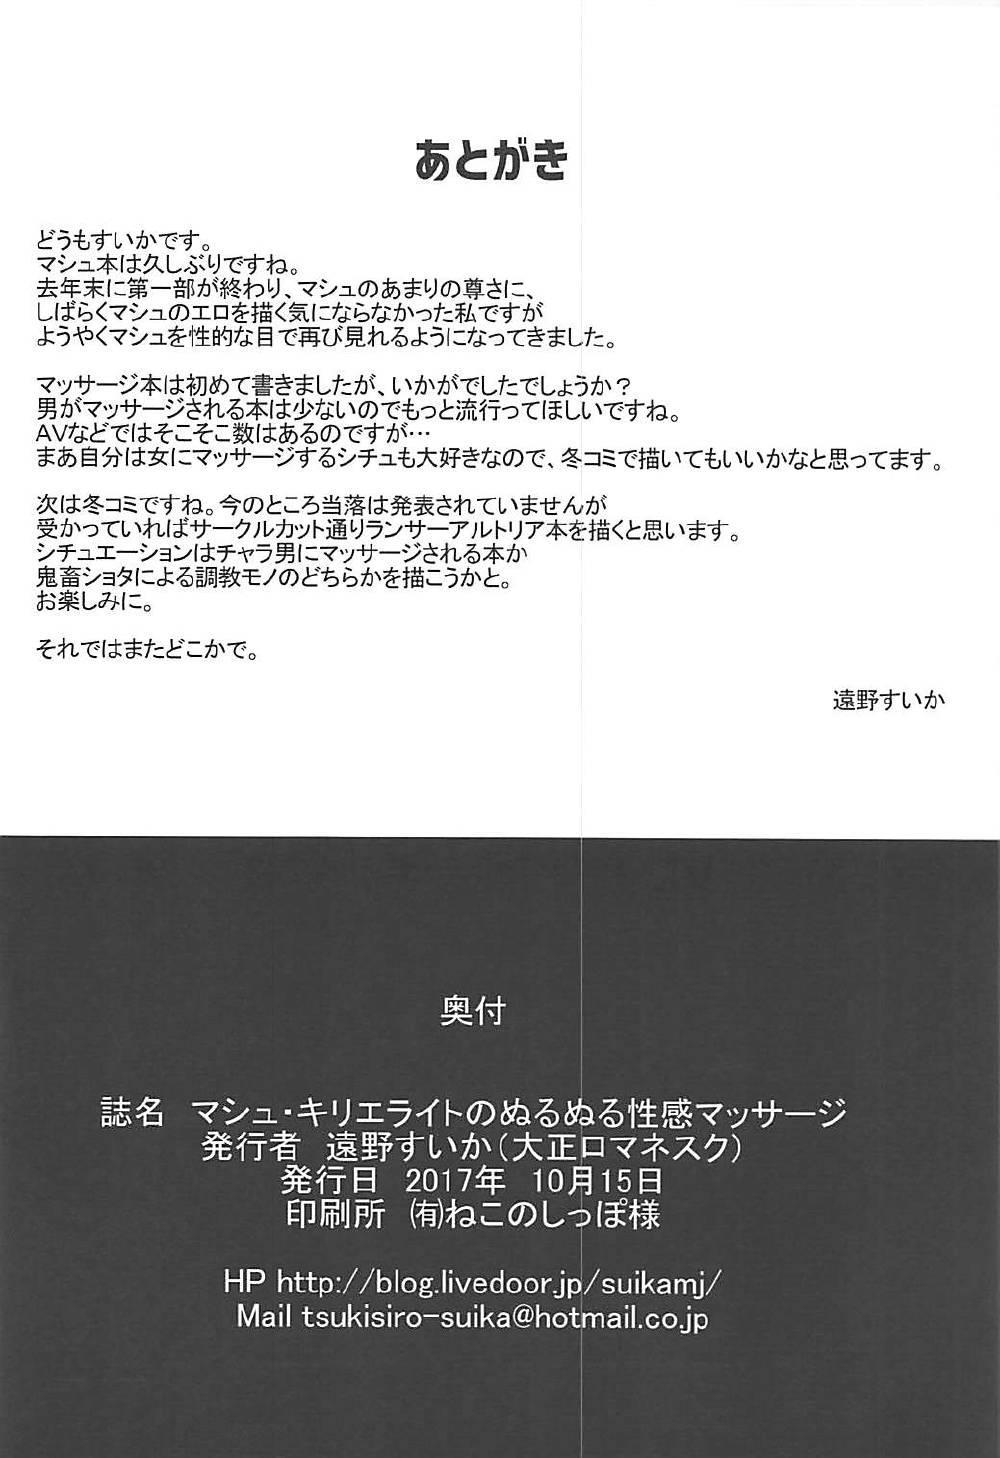 Mash Kyrielight no Nurunuru Seikan Massage 20